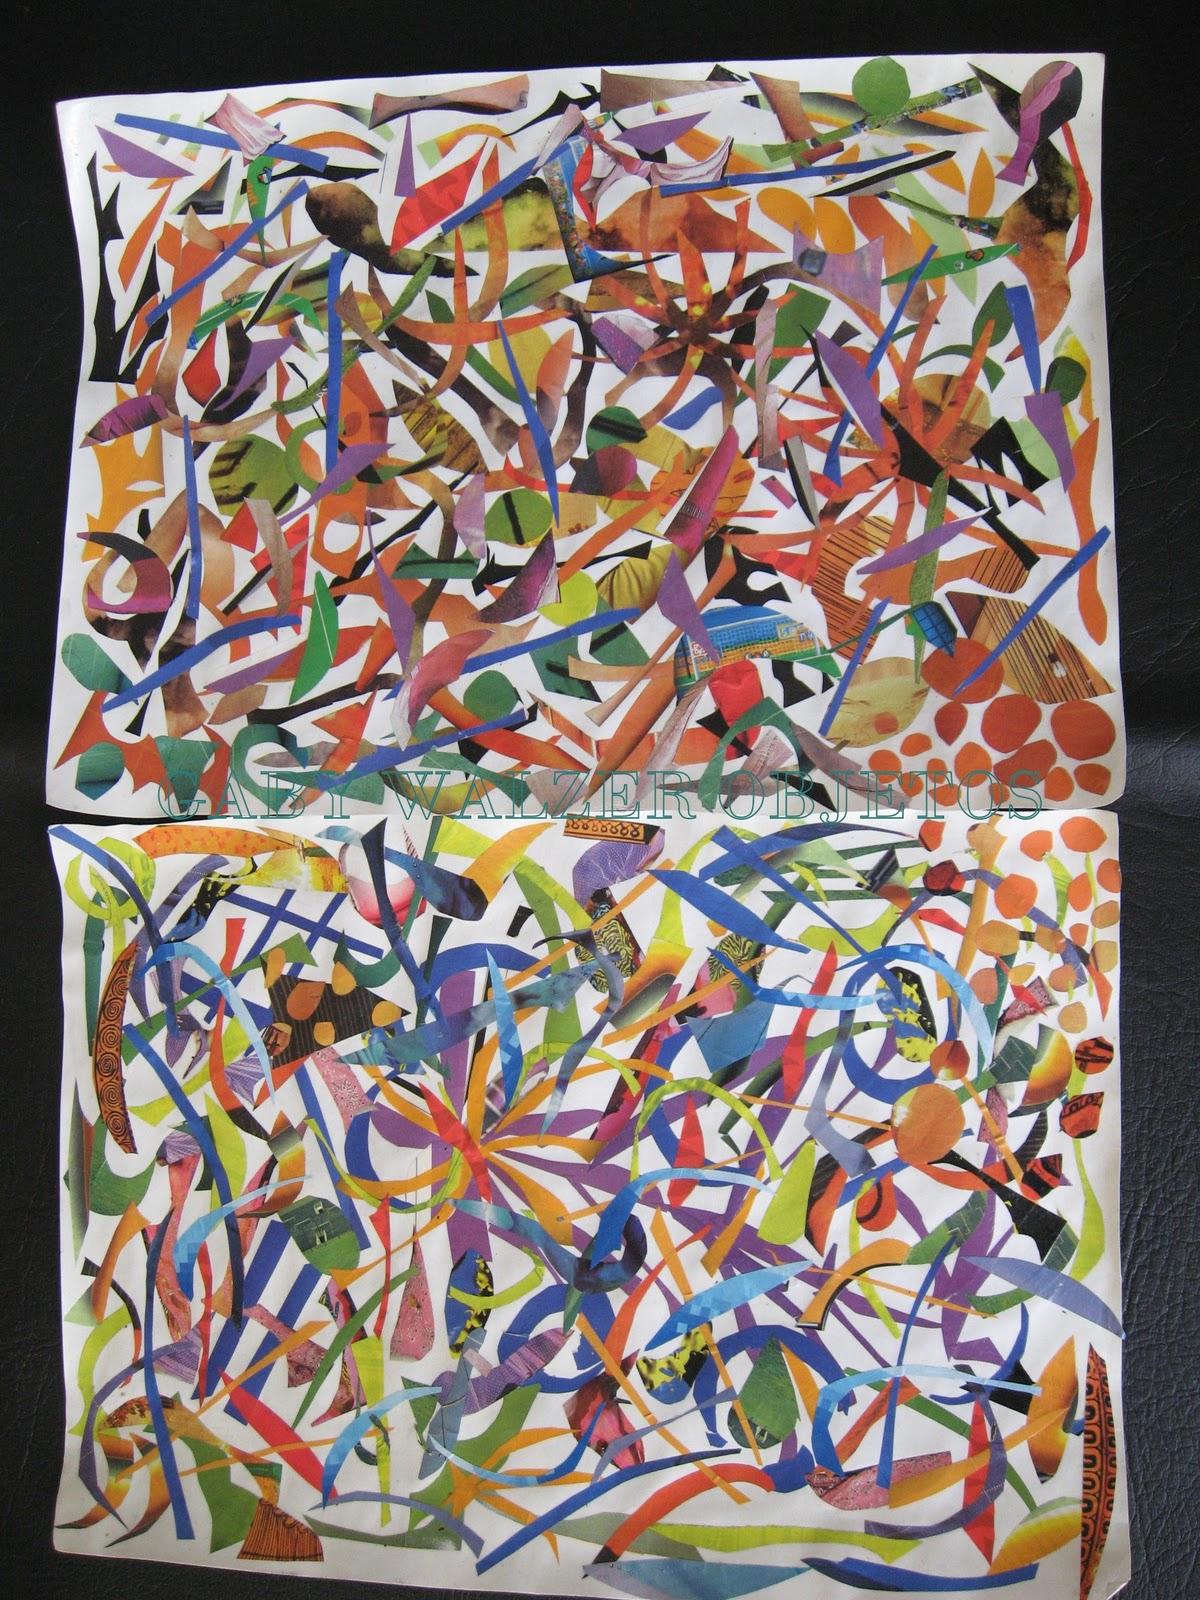 Gaby walzer objetos reciclado pinturas lamina colorida Papeles murales con diseno de paisajes